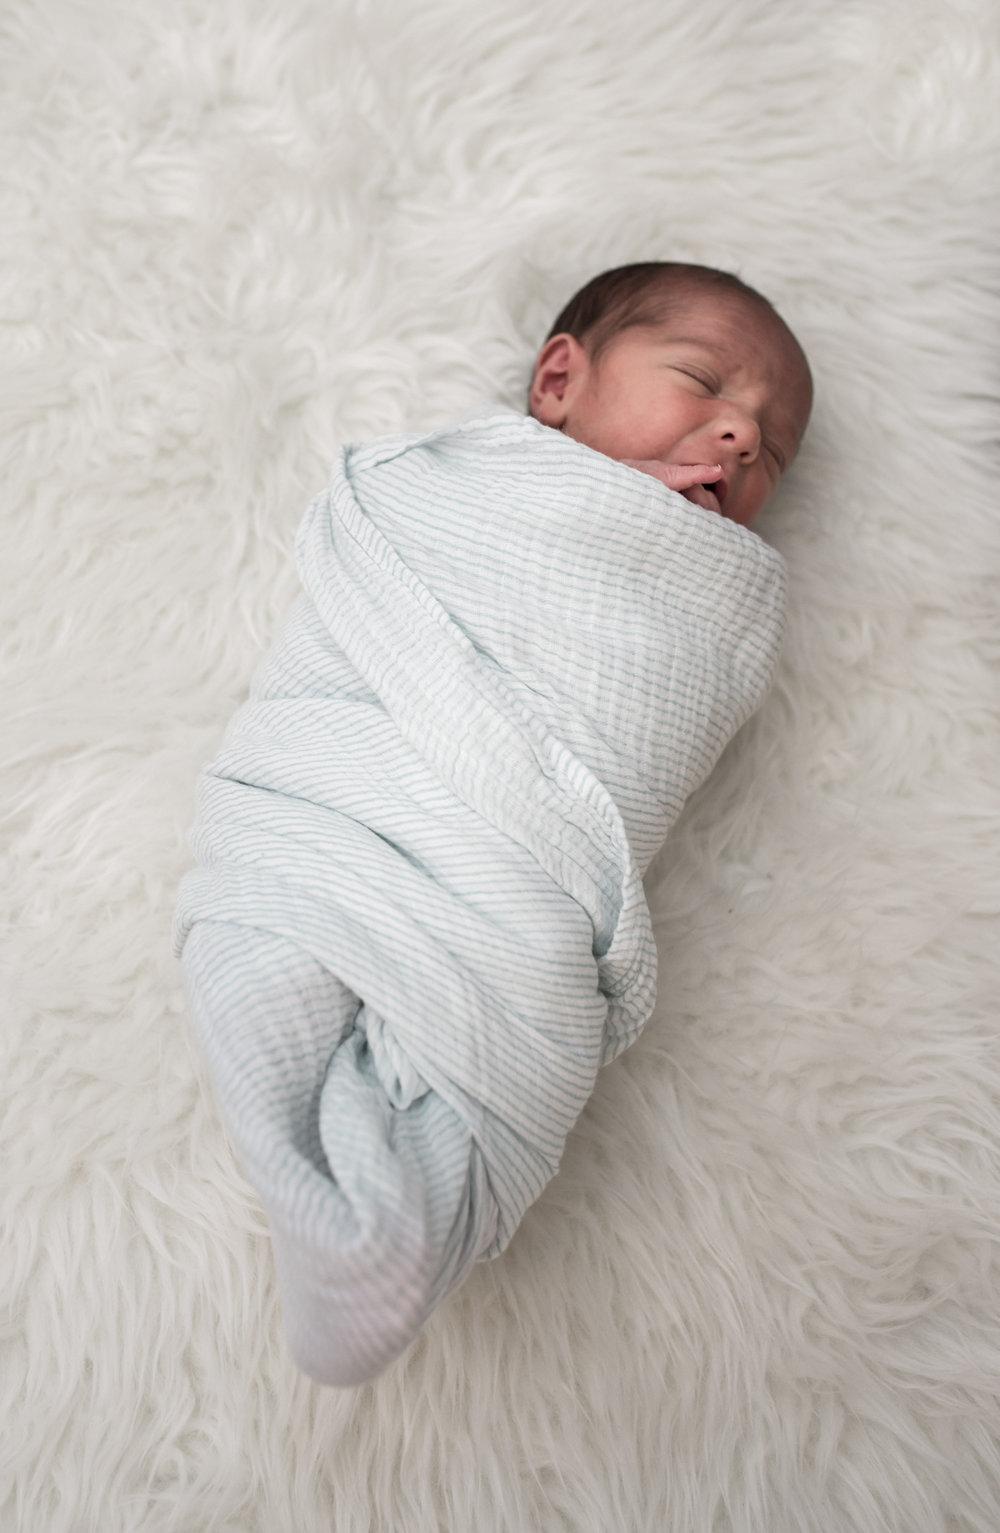 Jake_newborn-2.jpg